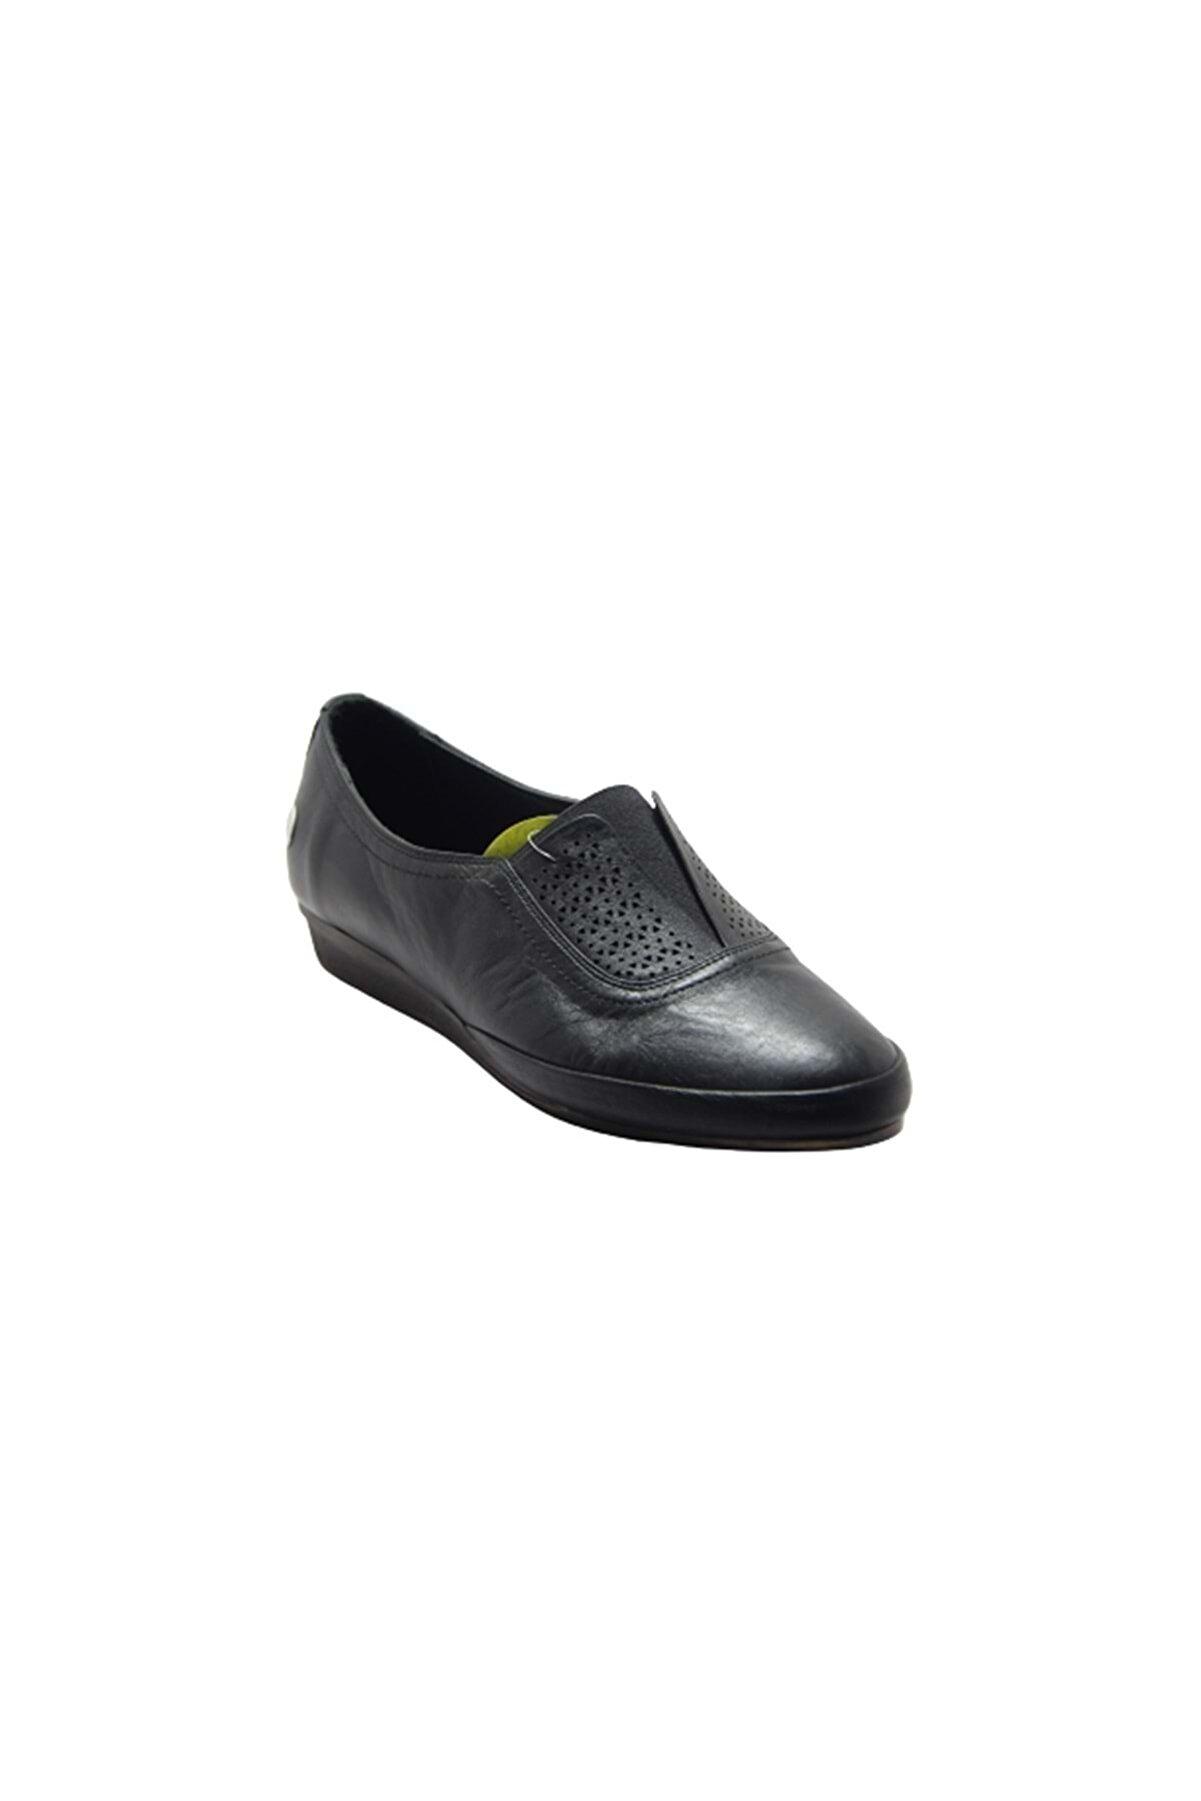 Mammamia D19ya-3815 %100 Deri Kadın Günlük Ayakkabı - Siyah - 37